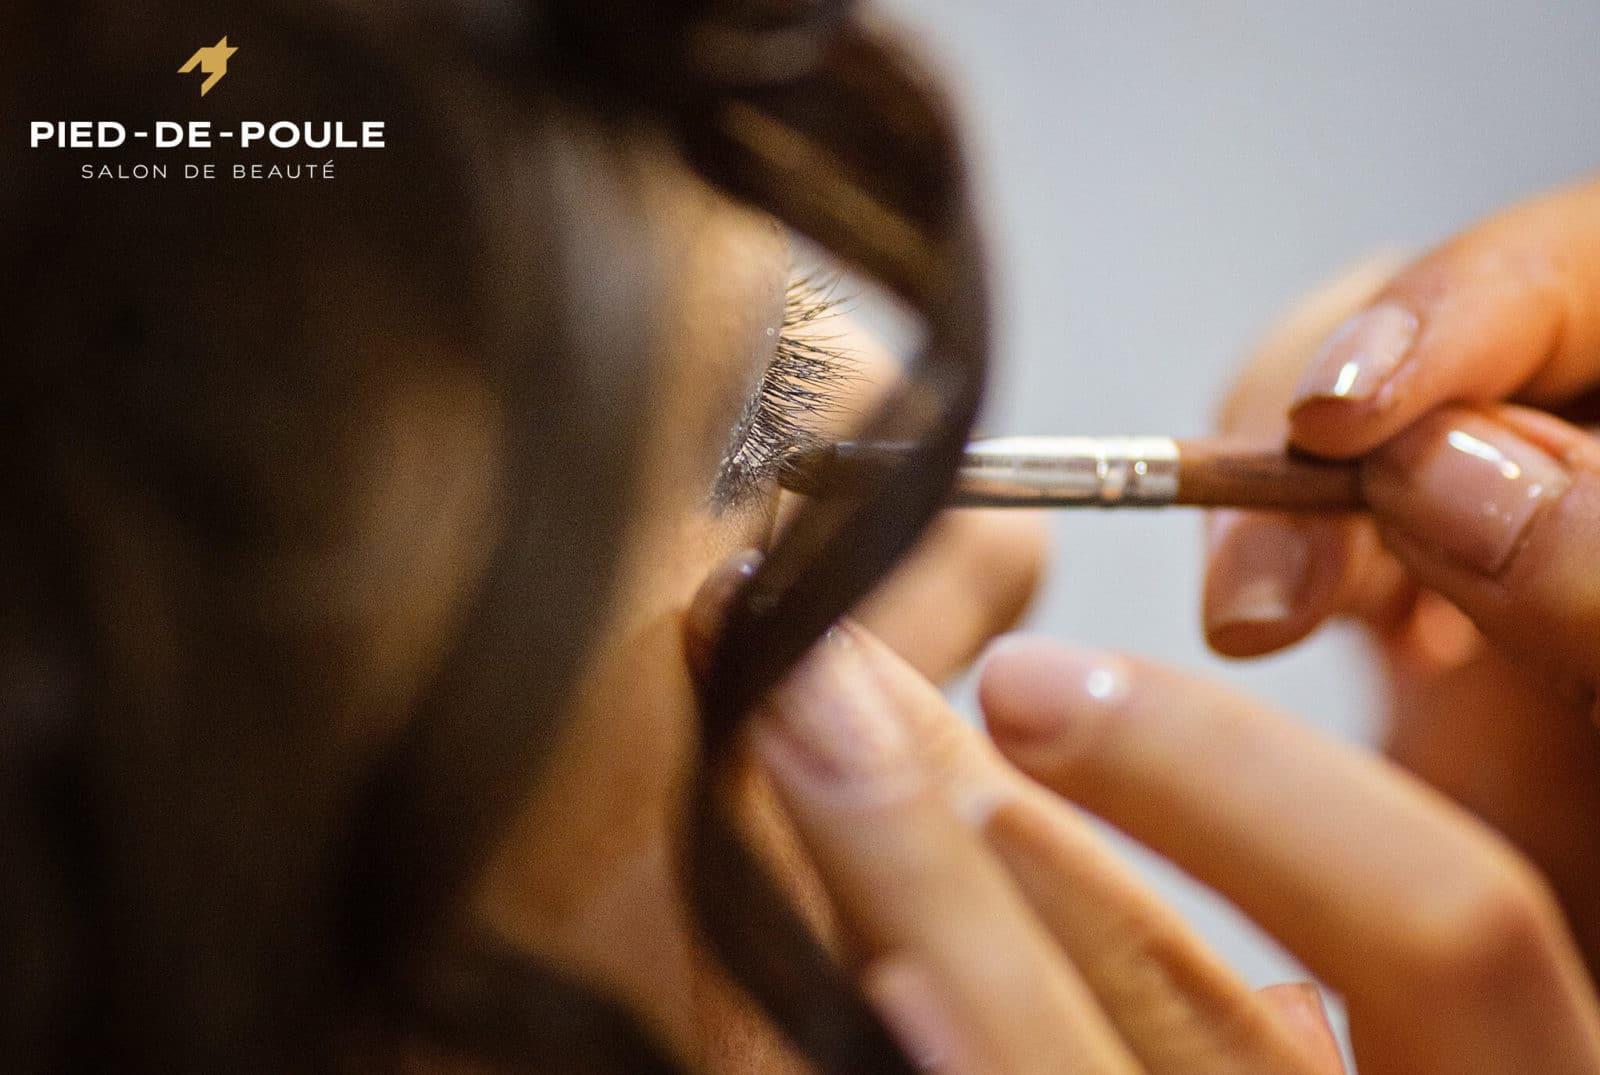 Жизнь в тренде — модный макияж в 2016 от визажистов PIED-DE-POULE